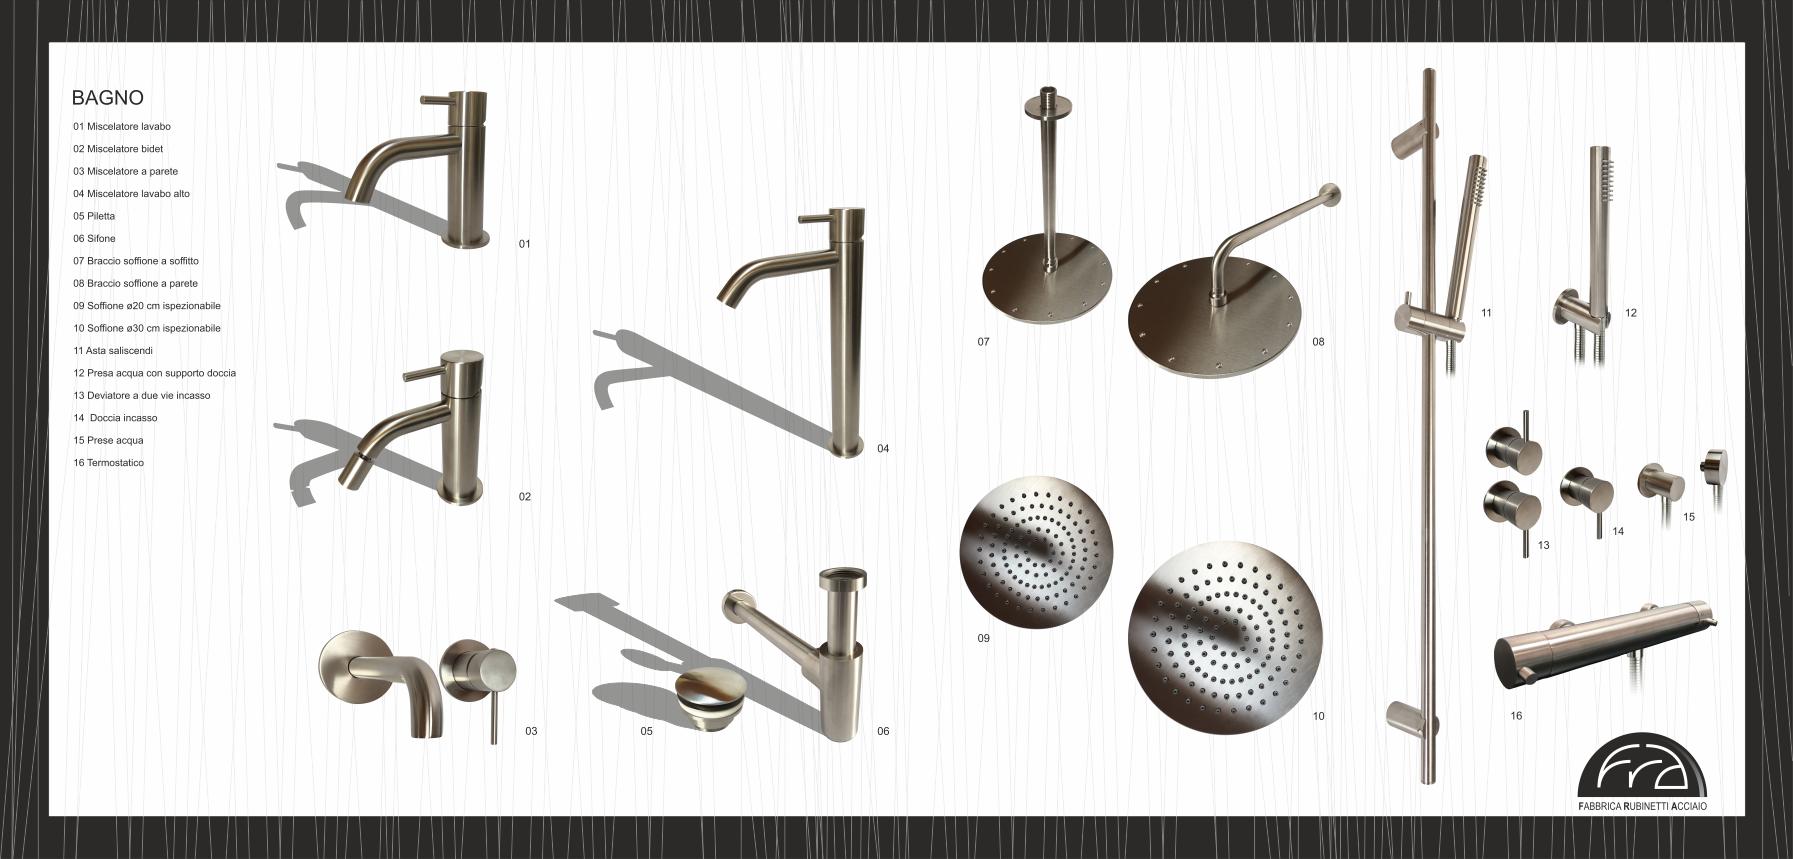 interno catalogo Fra Fabbrica rubinetti acciaio casarotto design e comunicazione grafica